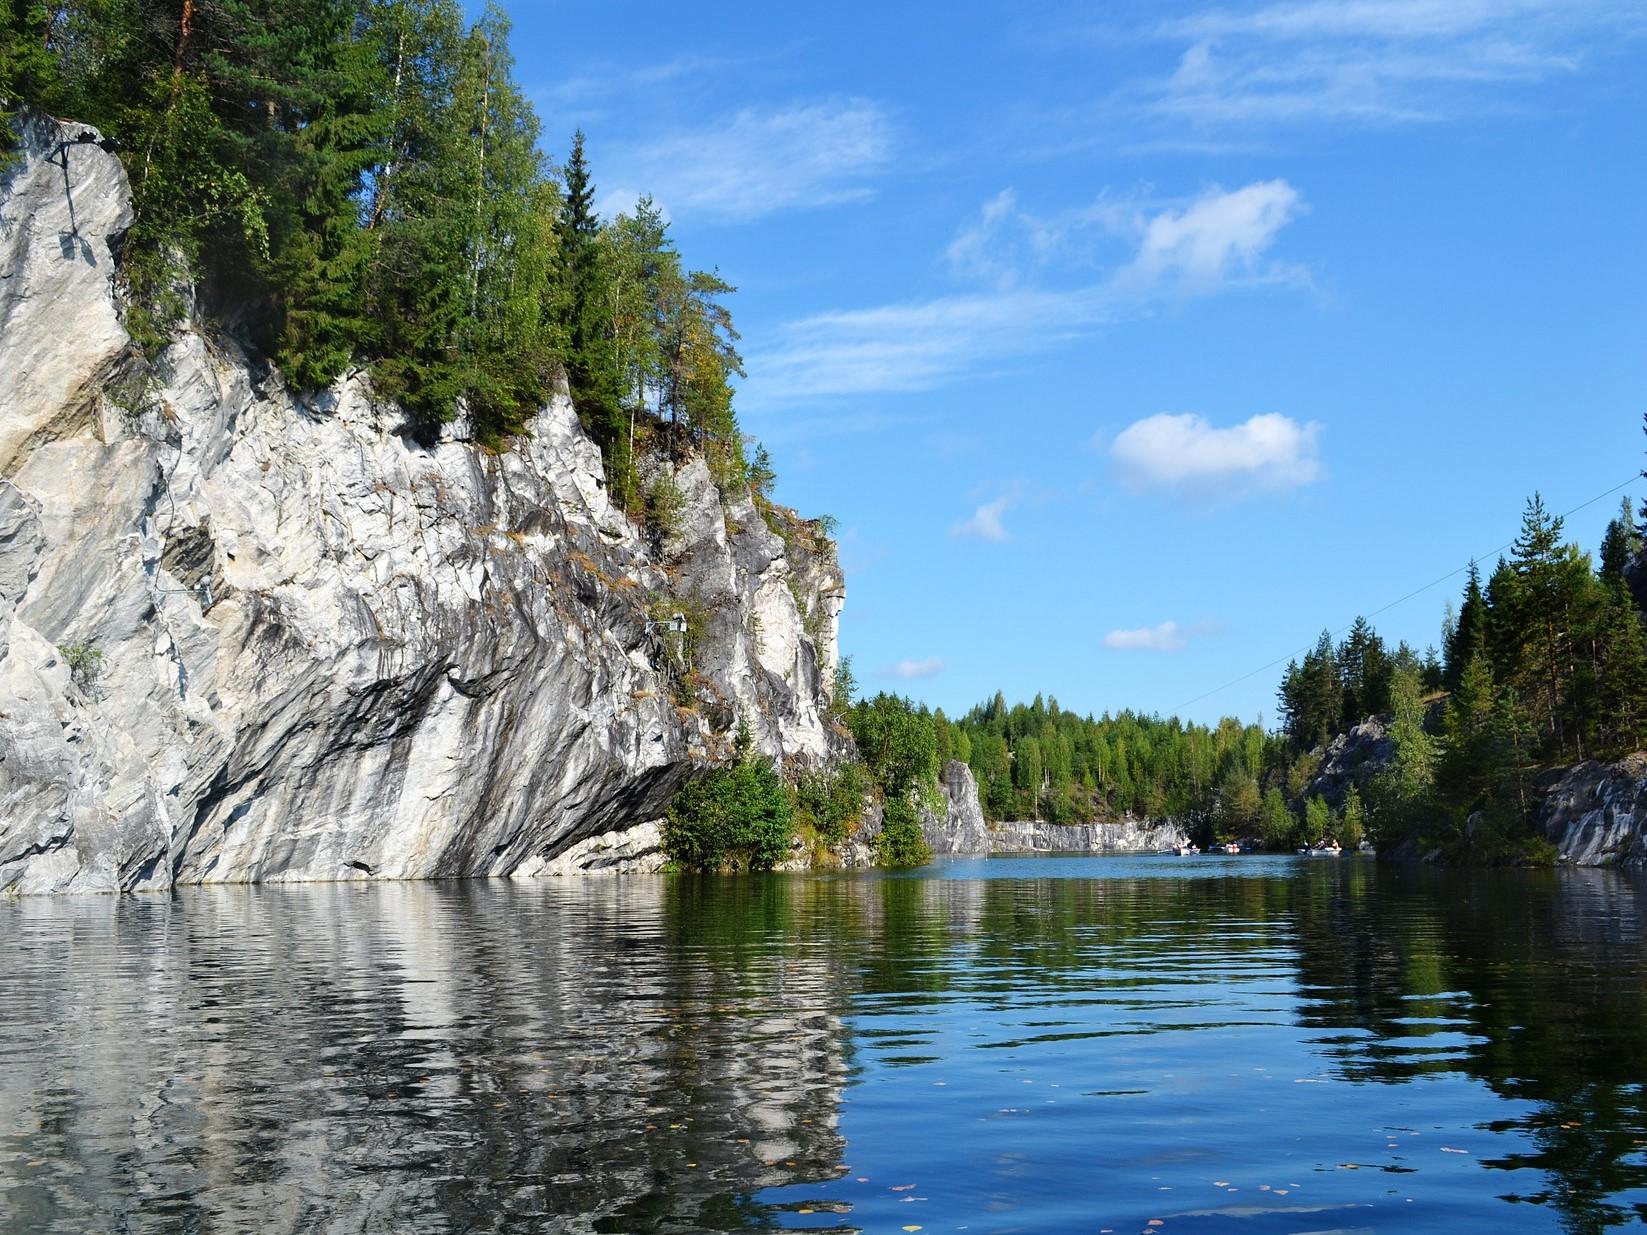 レナ石柱自然公園(ロシア連邦)